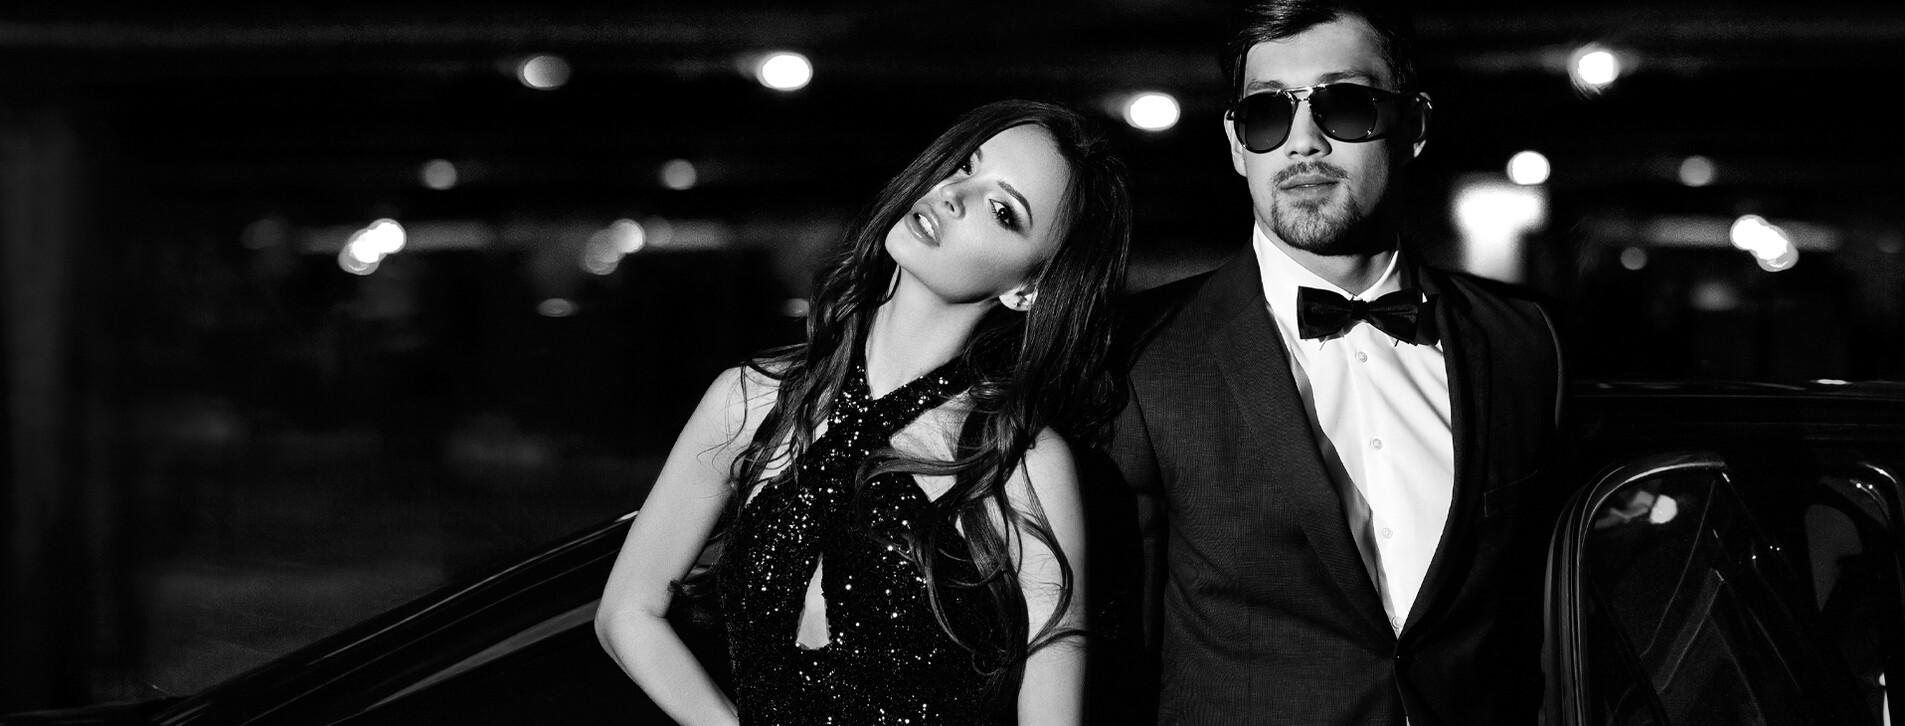 Фото 1 - VIP канікули в Харкові для двох